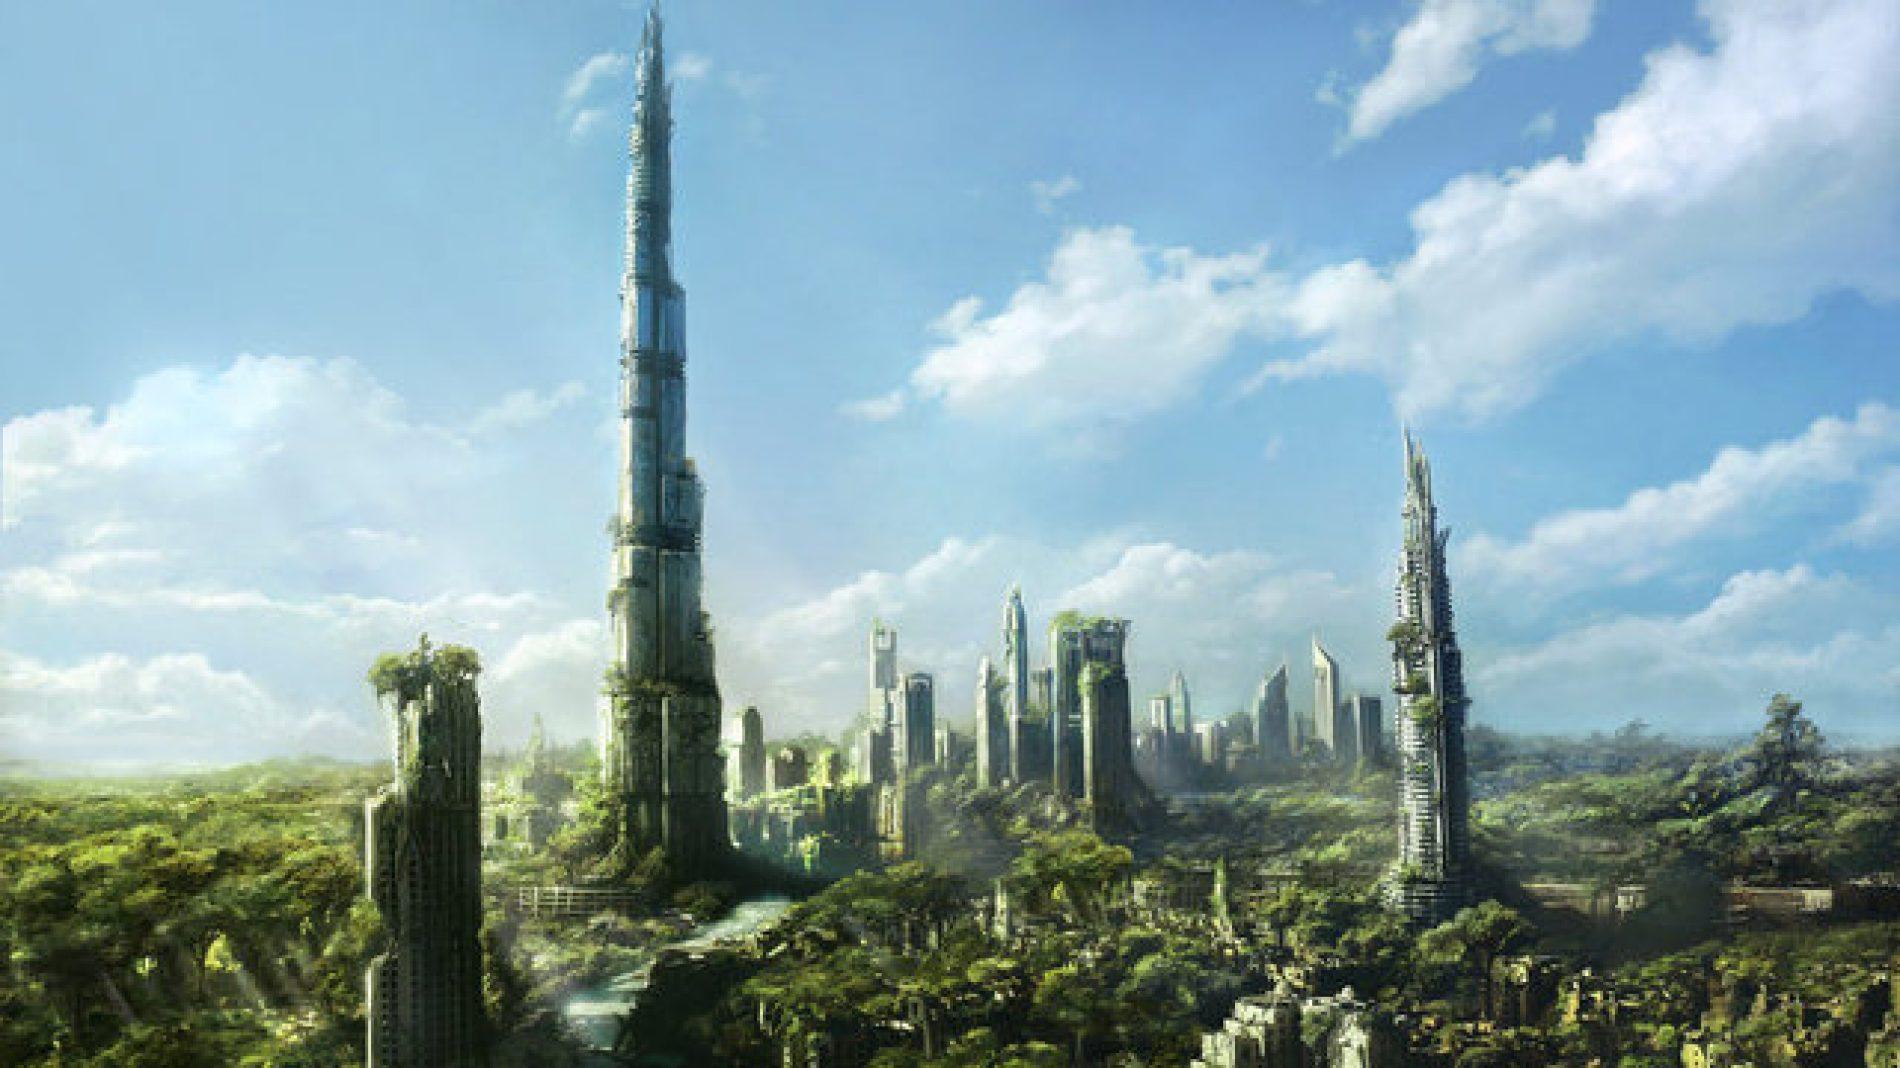 Una reflexión sobre la fusión de la Civilización y la Naturaleza